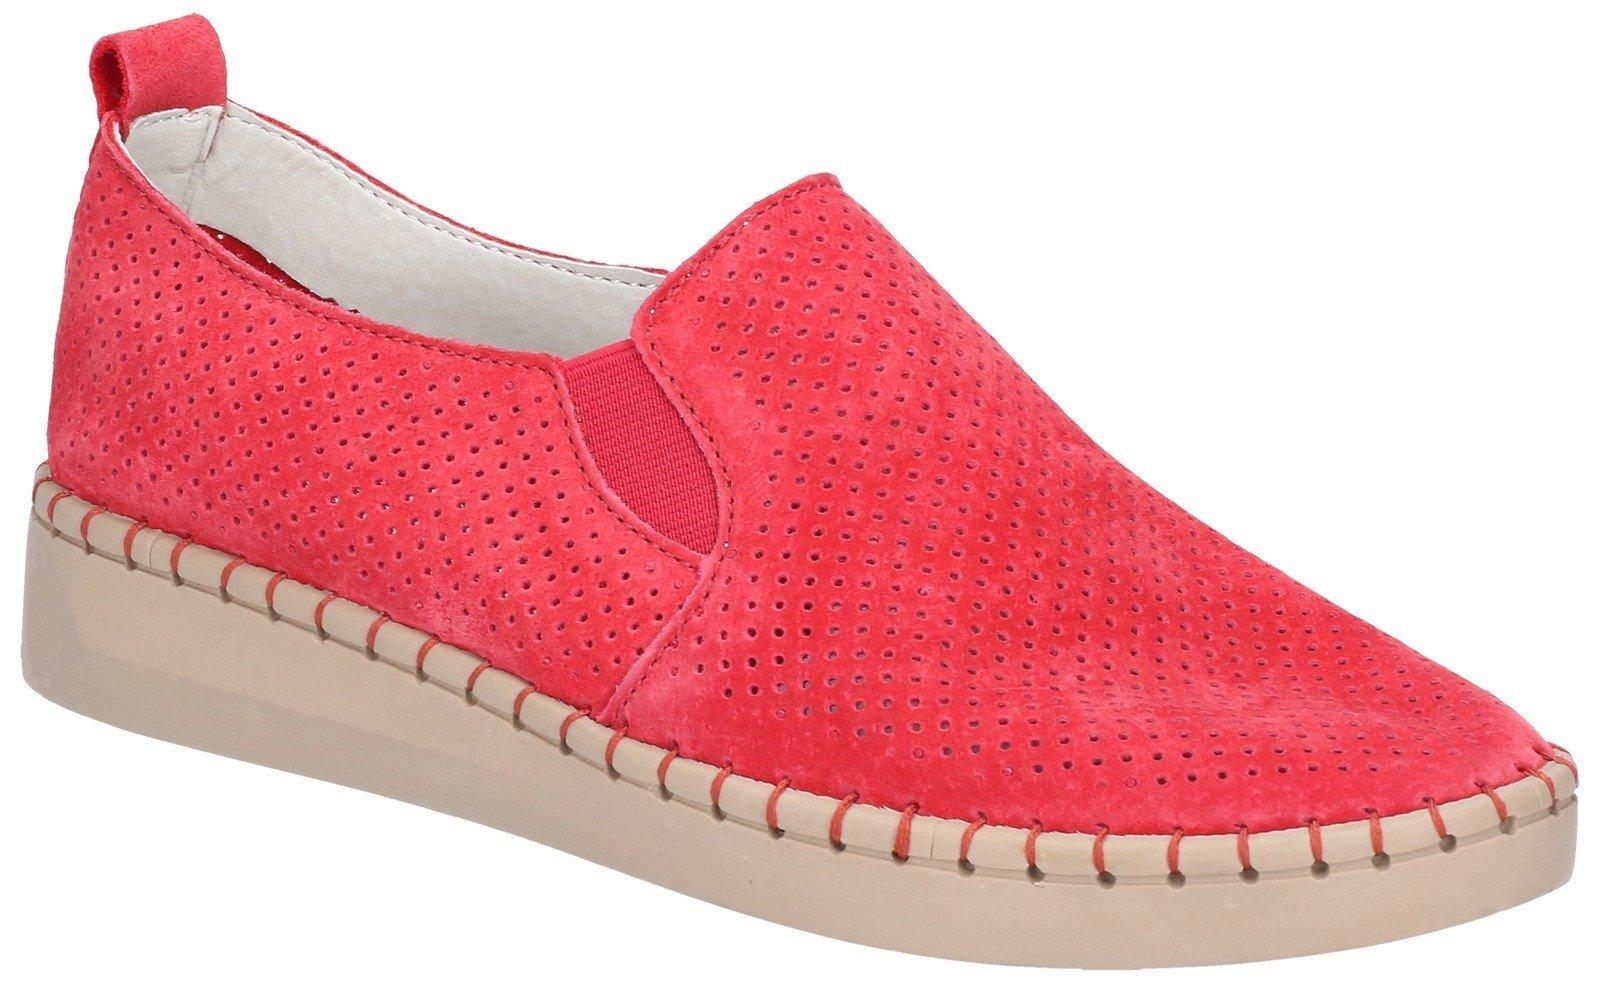 Fleet & Foster Women's Tulip Slip On Shoe Blue 28262-47470 - Red 6